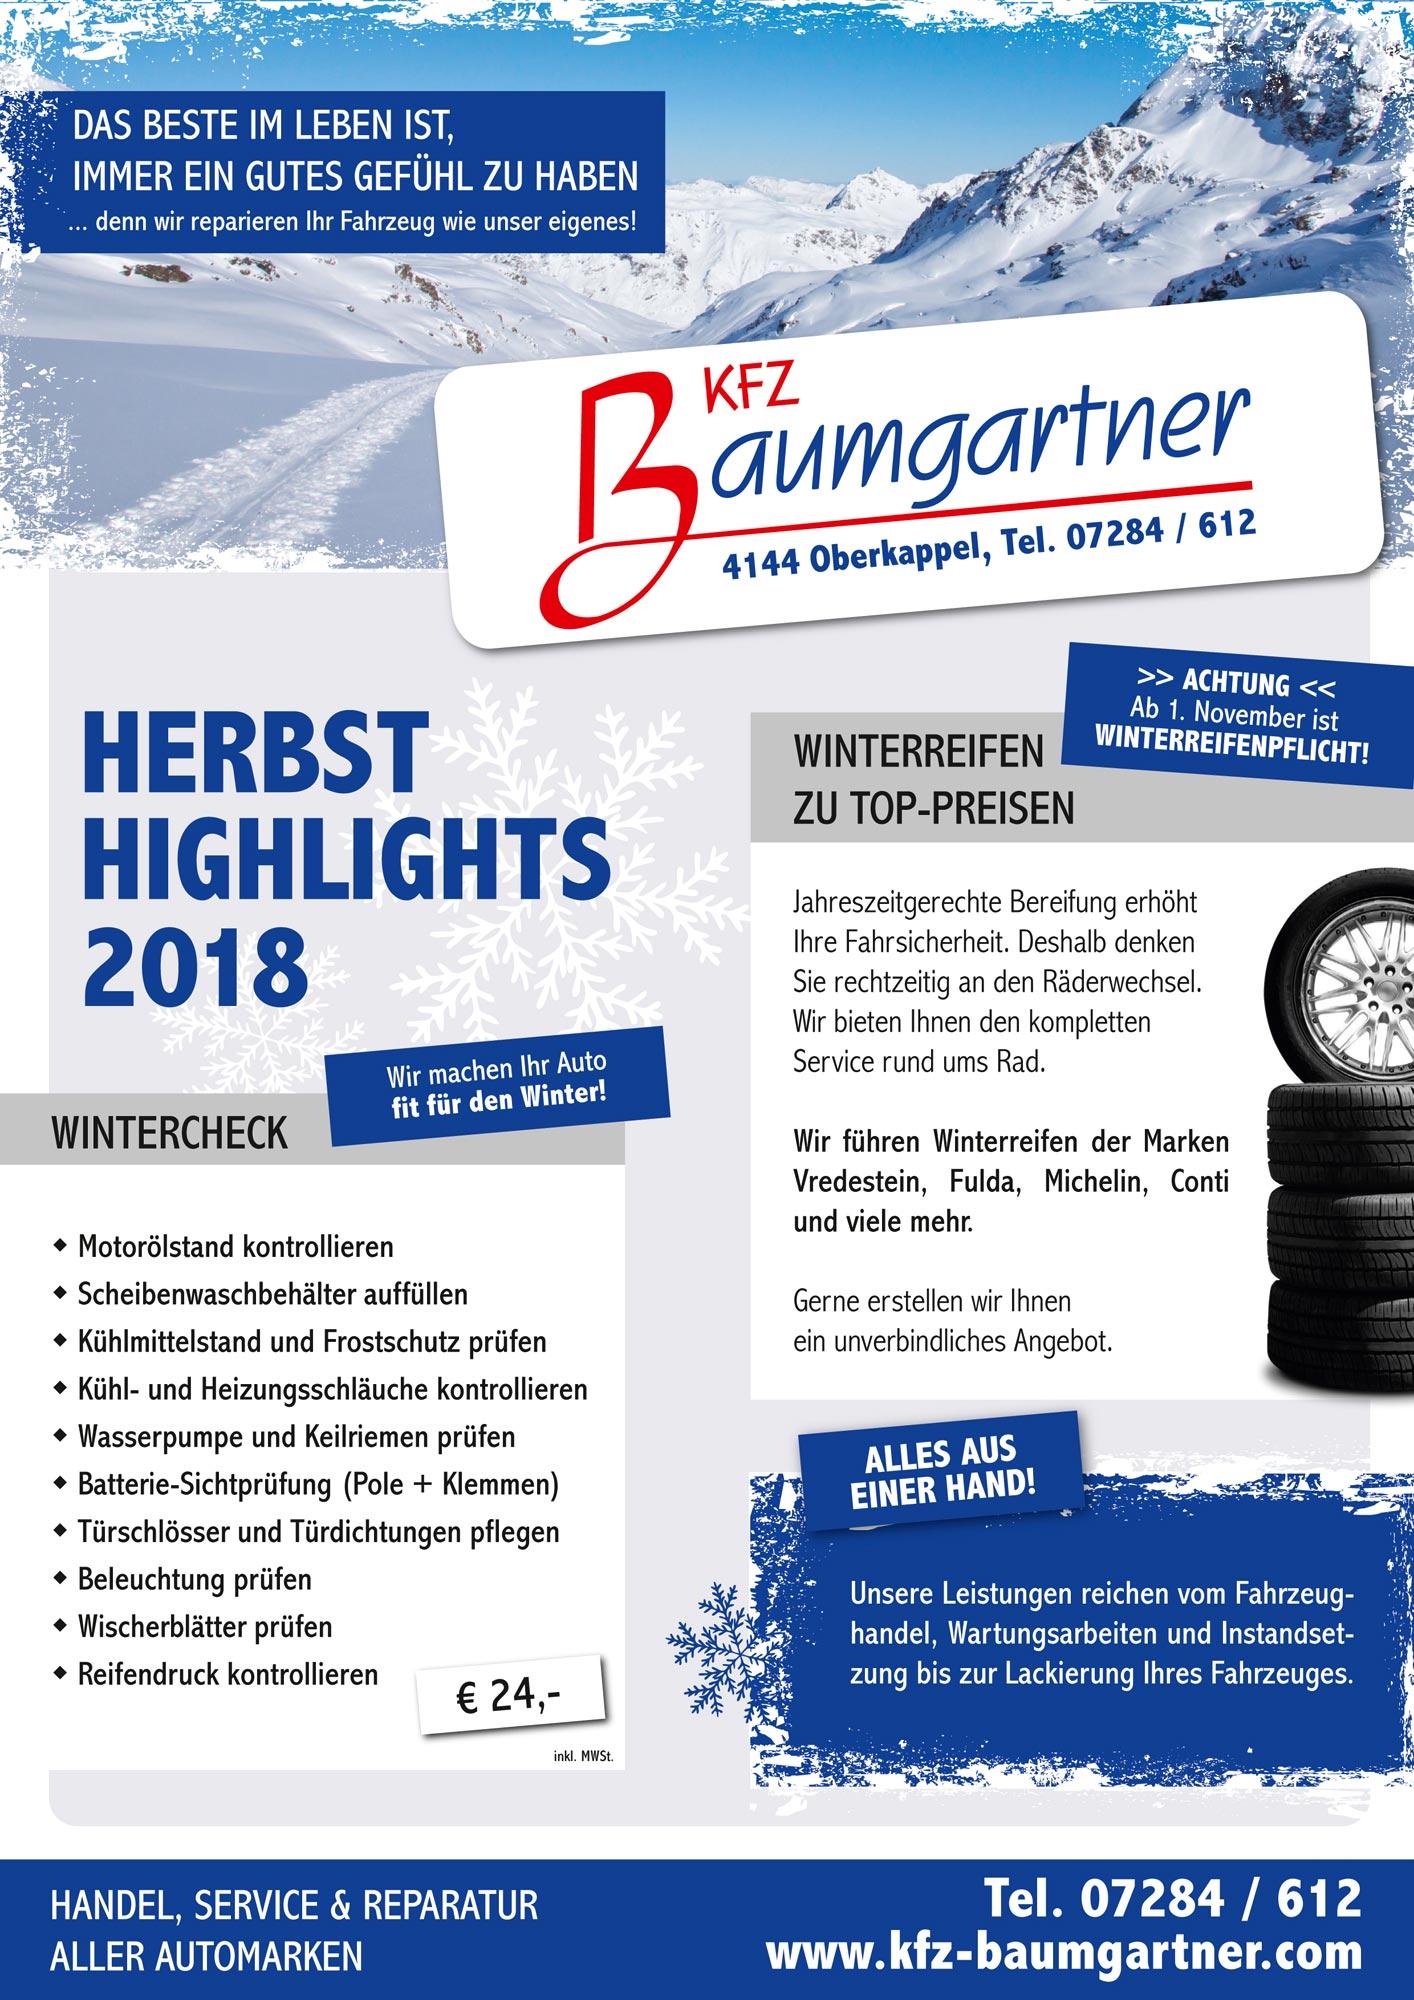 KFZ-Baumgartner Herbsthighlights 2018